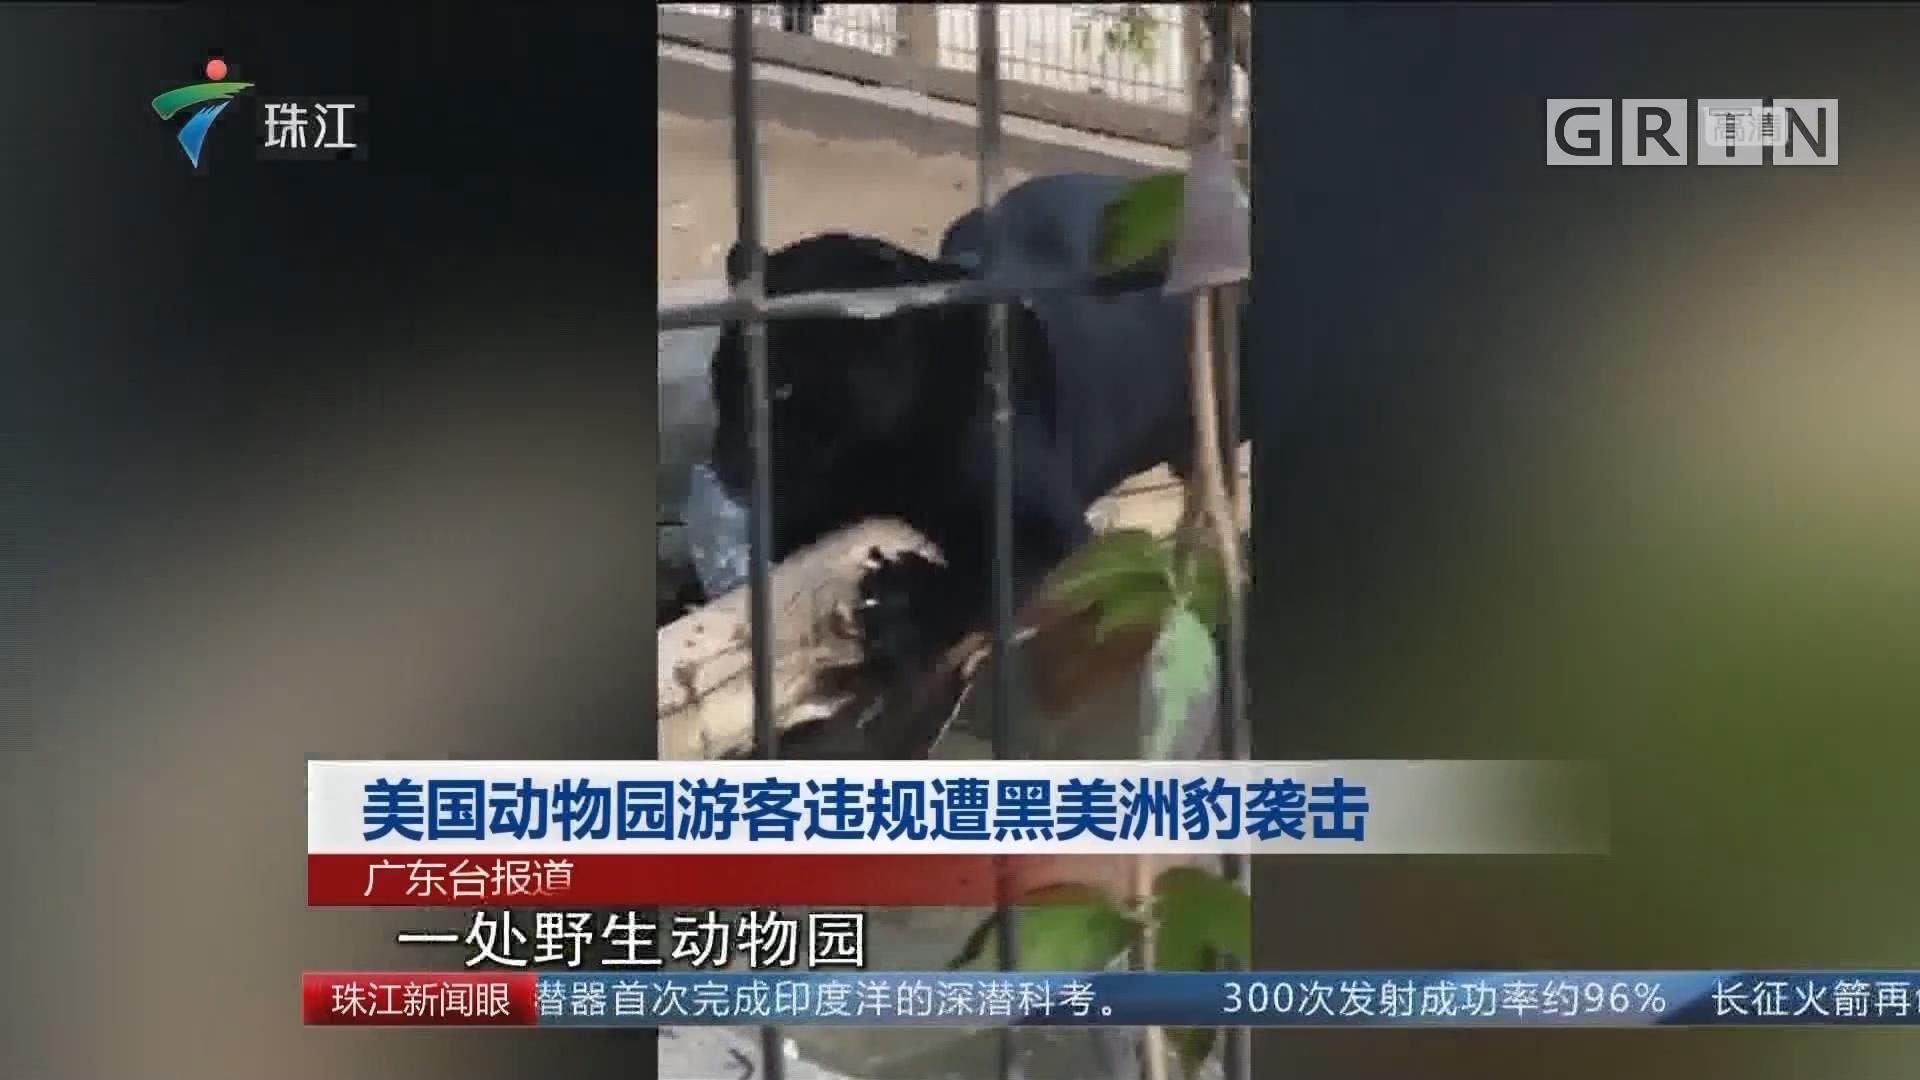 美国动物园游客违规遭黑美洲豹袭击